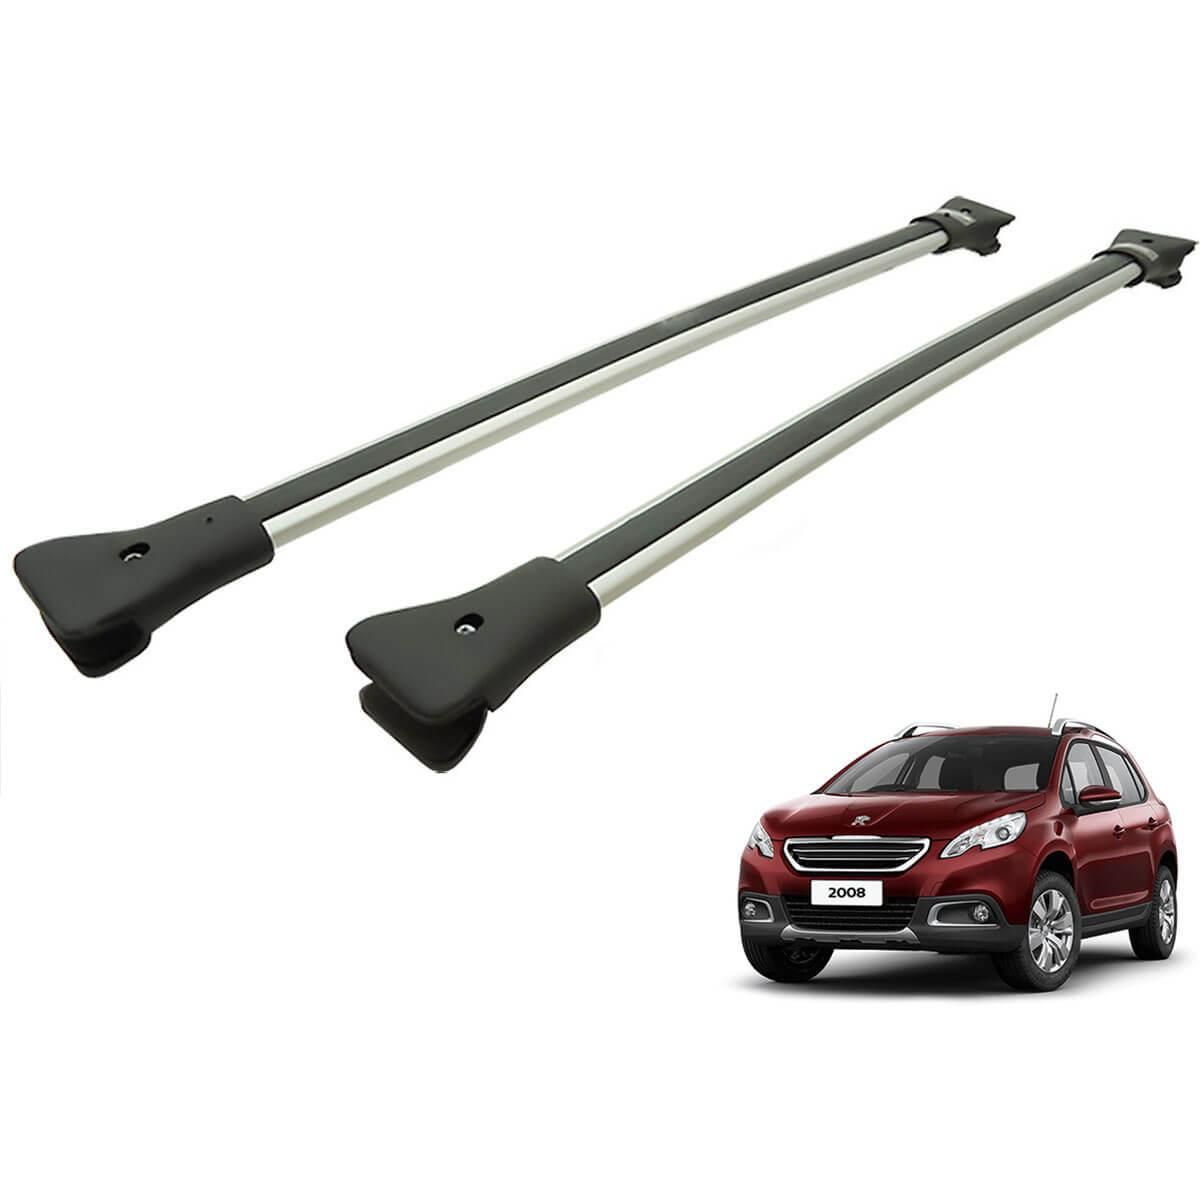 Travessa rack de teto larga alumínio Peugeot 2008 2016 e 2017